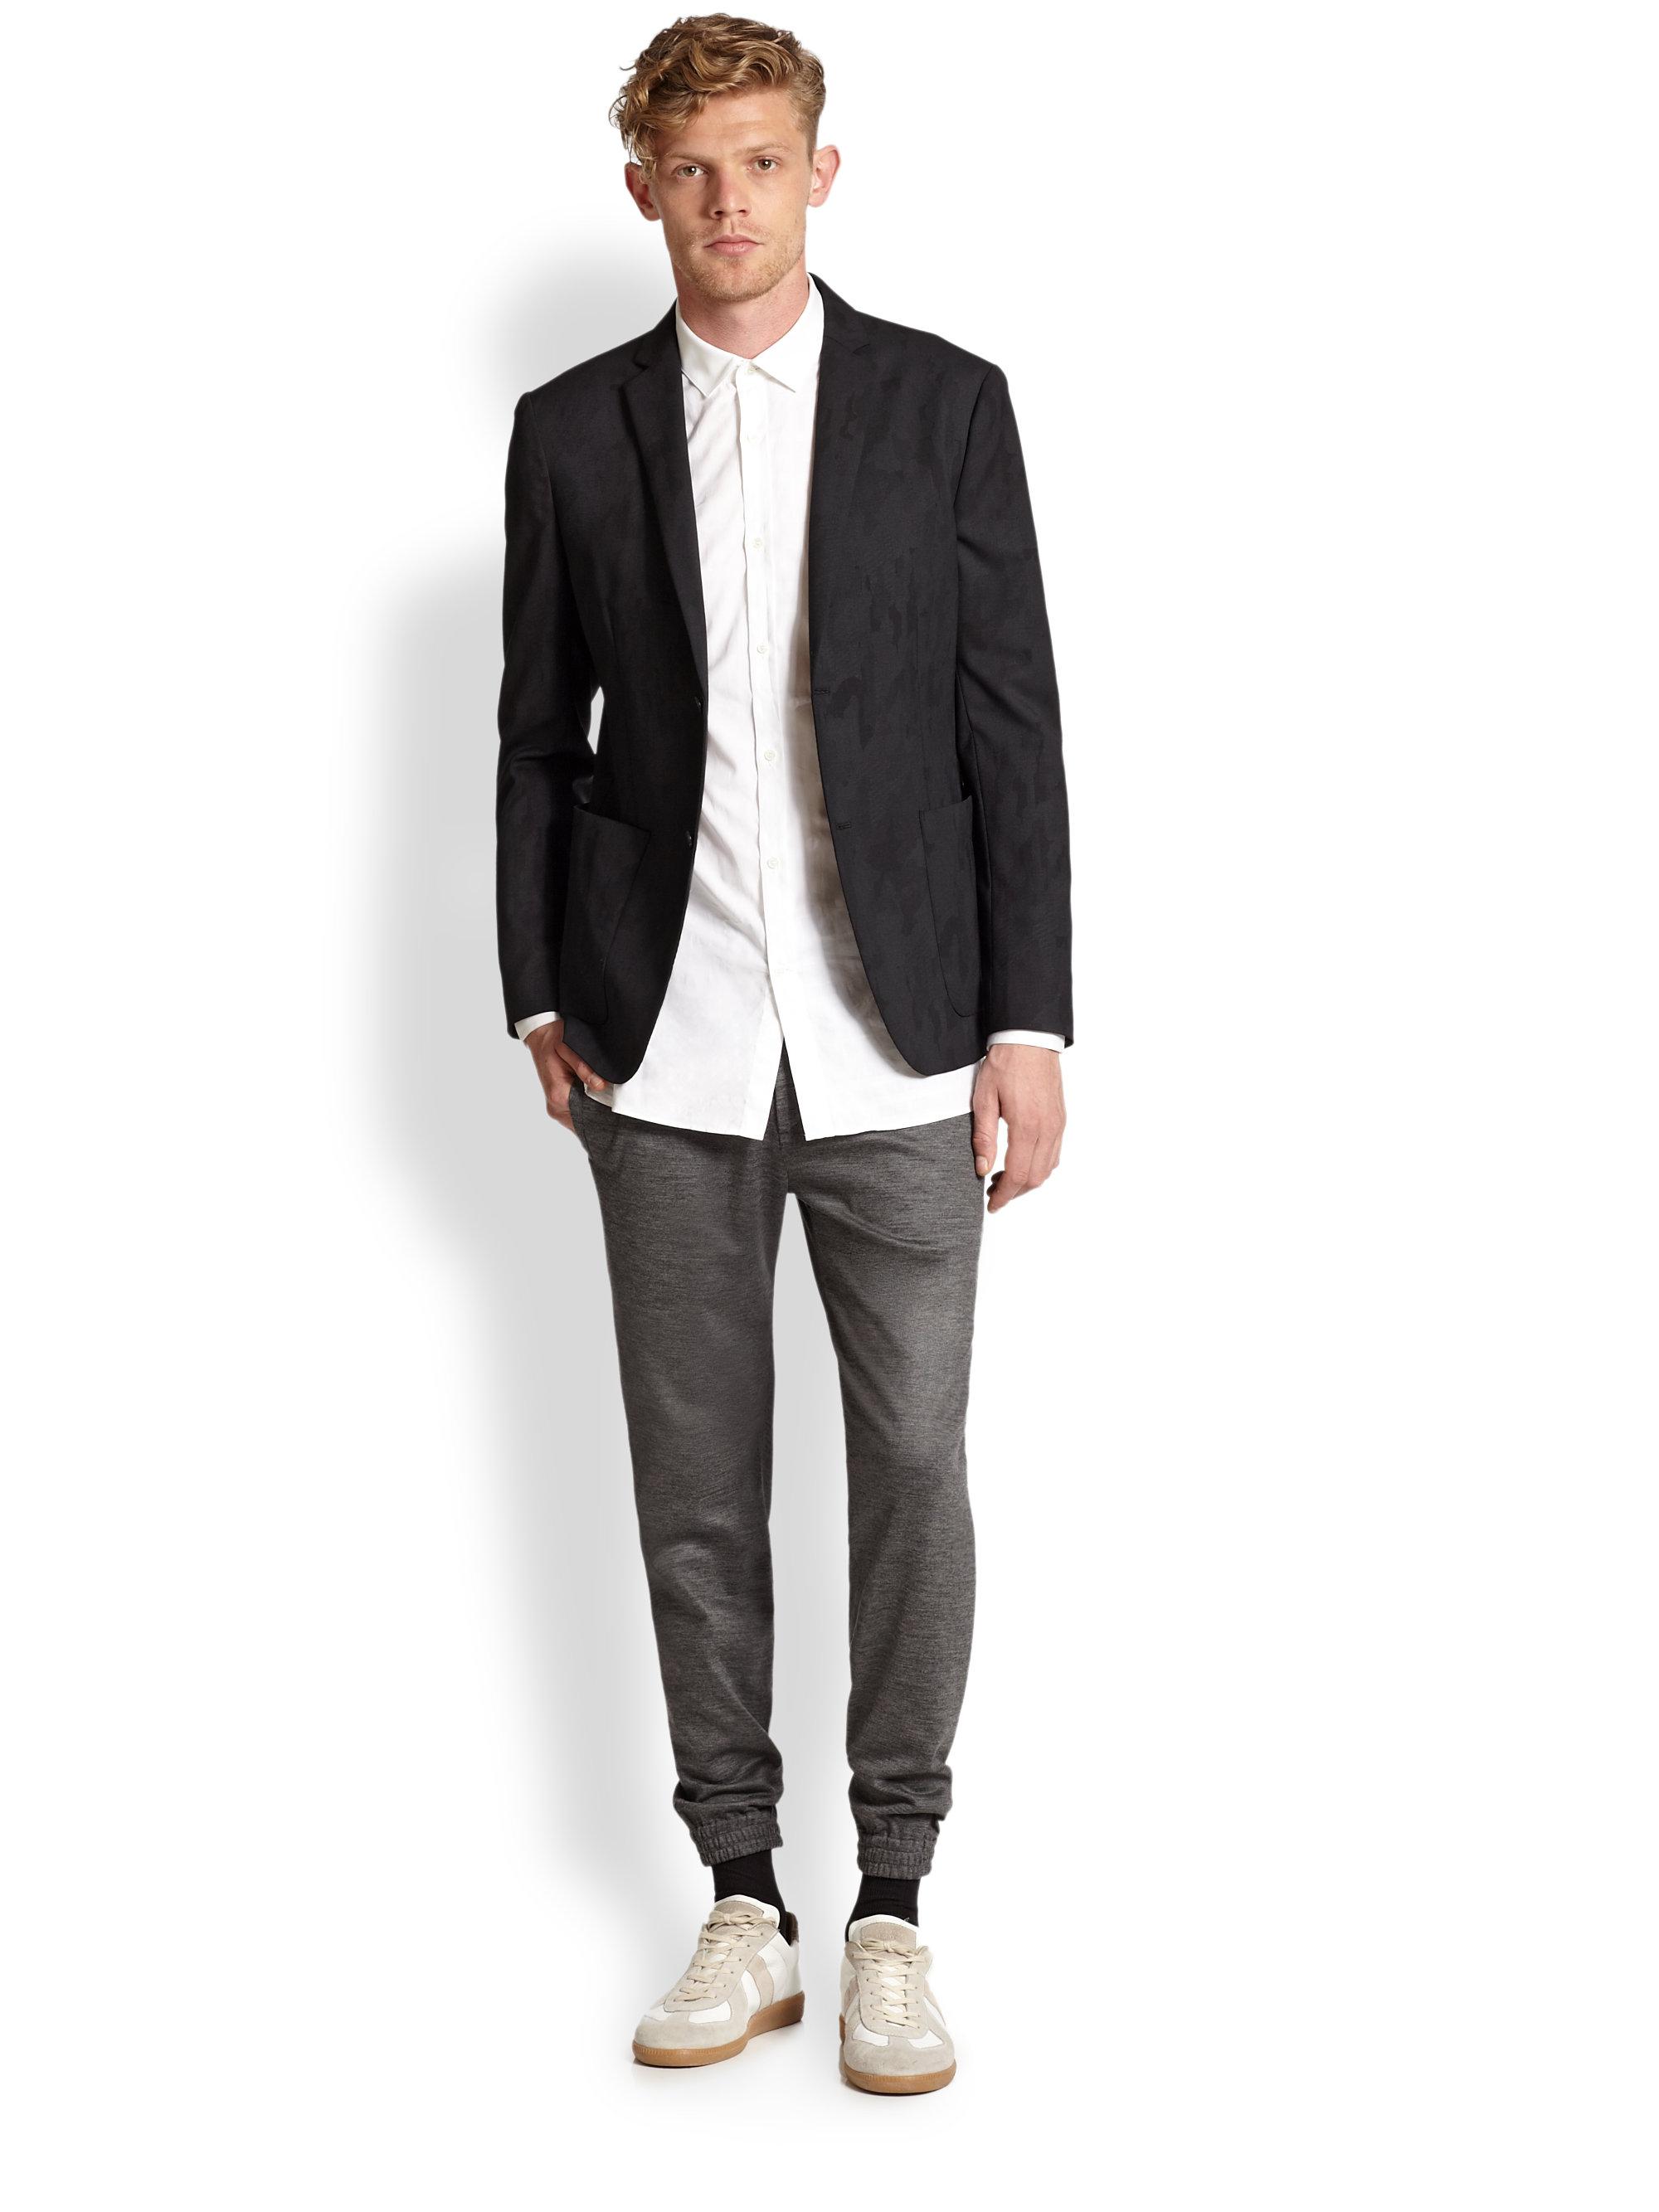 xu hướng thời trang - người đàn ông mặc quần jogger phối với áo sơ mi trắng - thời trang nam - thu đông - 2019 - elle man